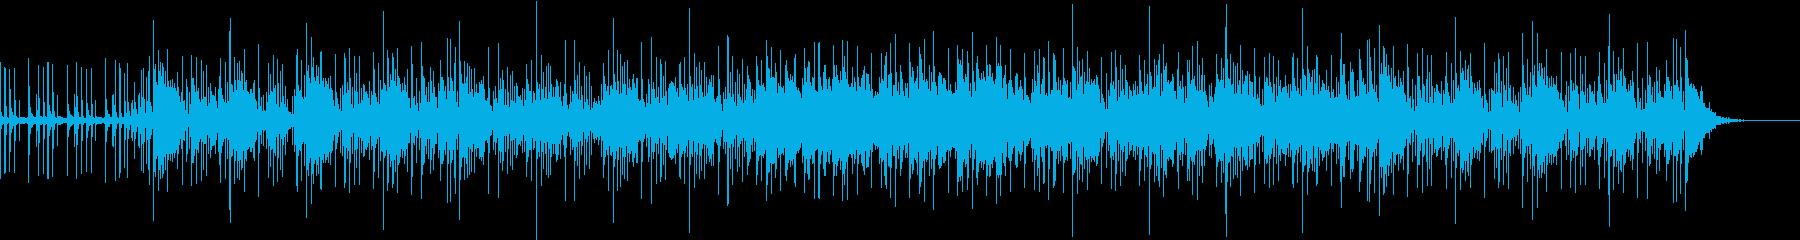 ドラムとシンセの明るいゆったりめのBGMの再生済みの波形